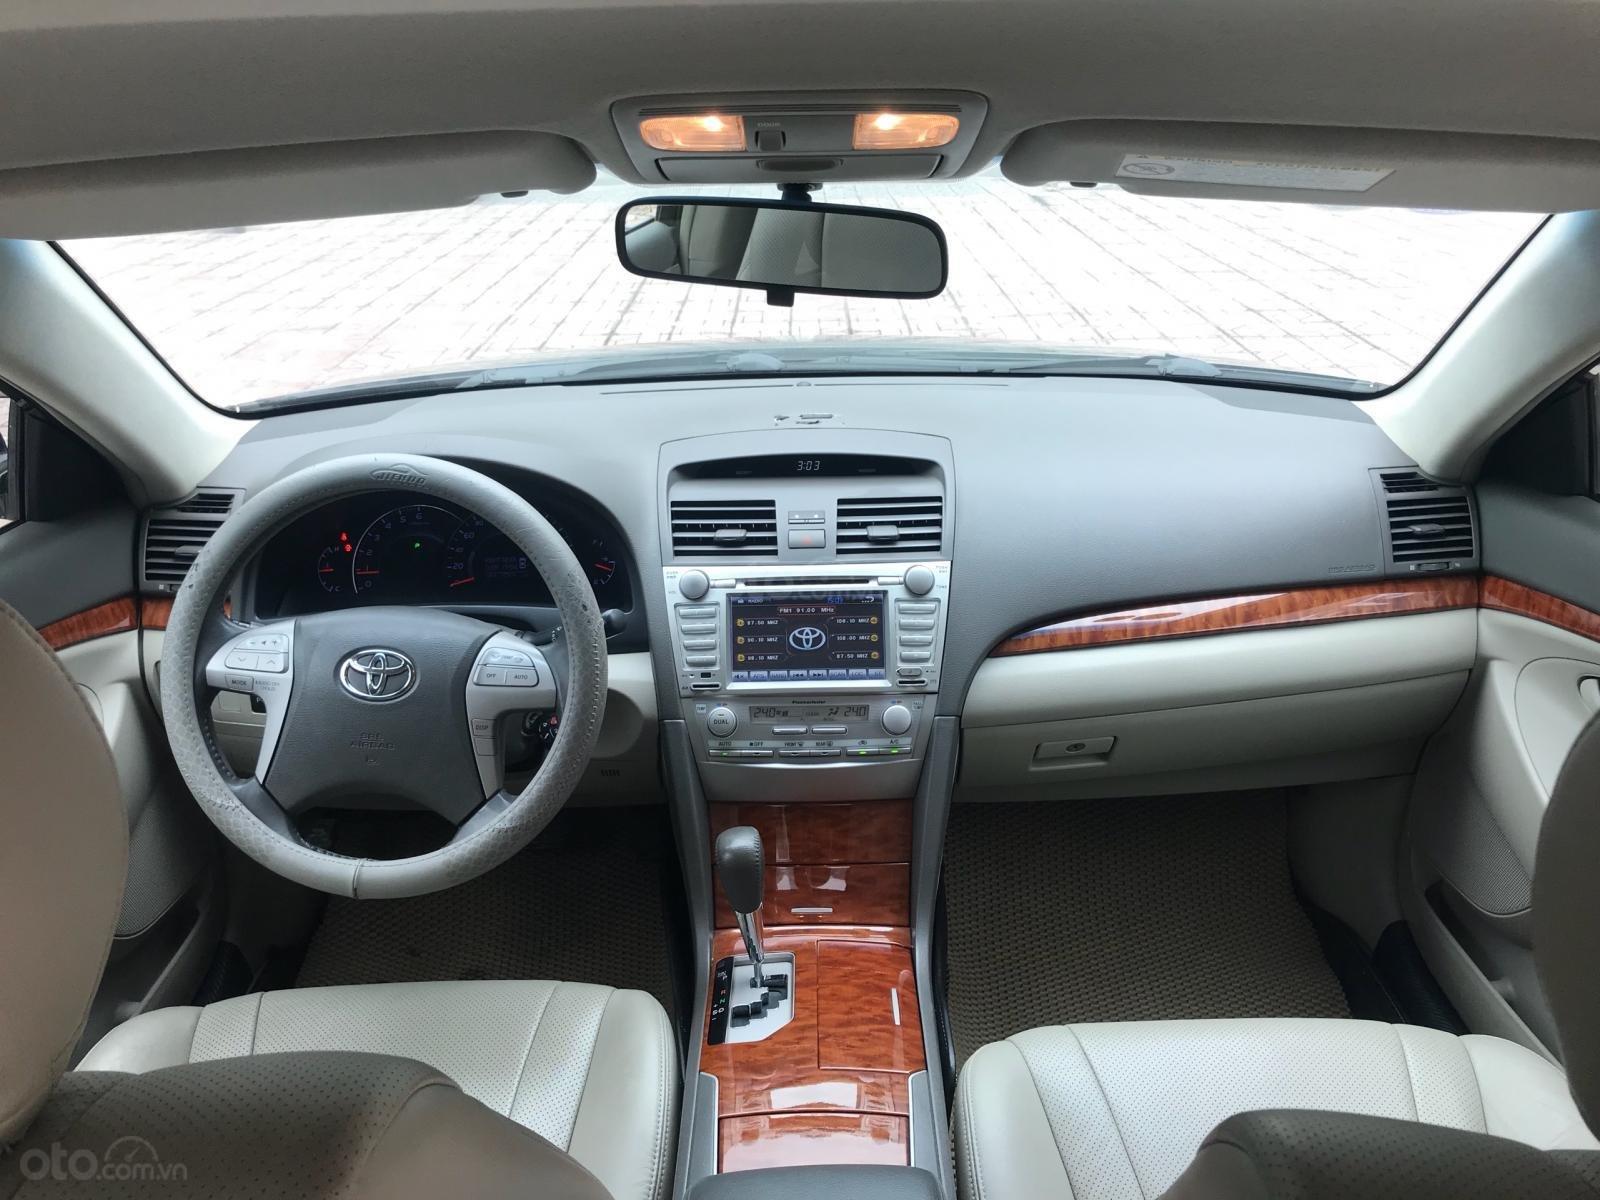 Cần bán gấp Toyota Camry 2.4G sản xuất 2010, màu đen  -10